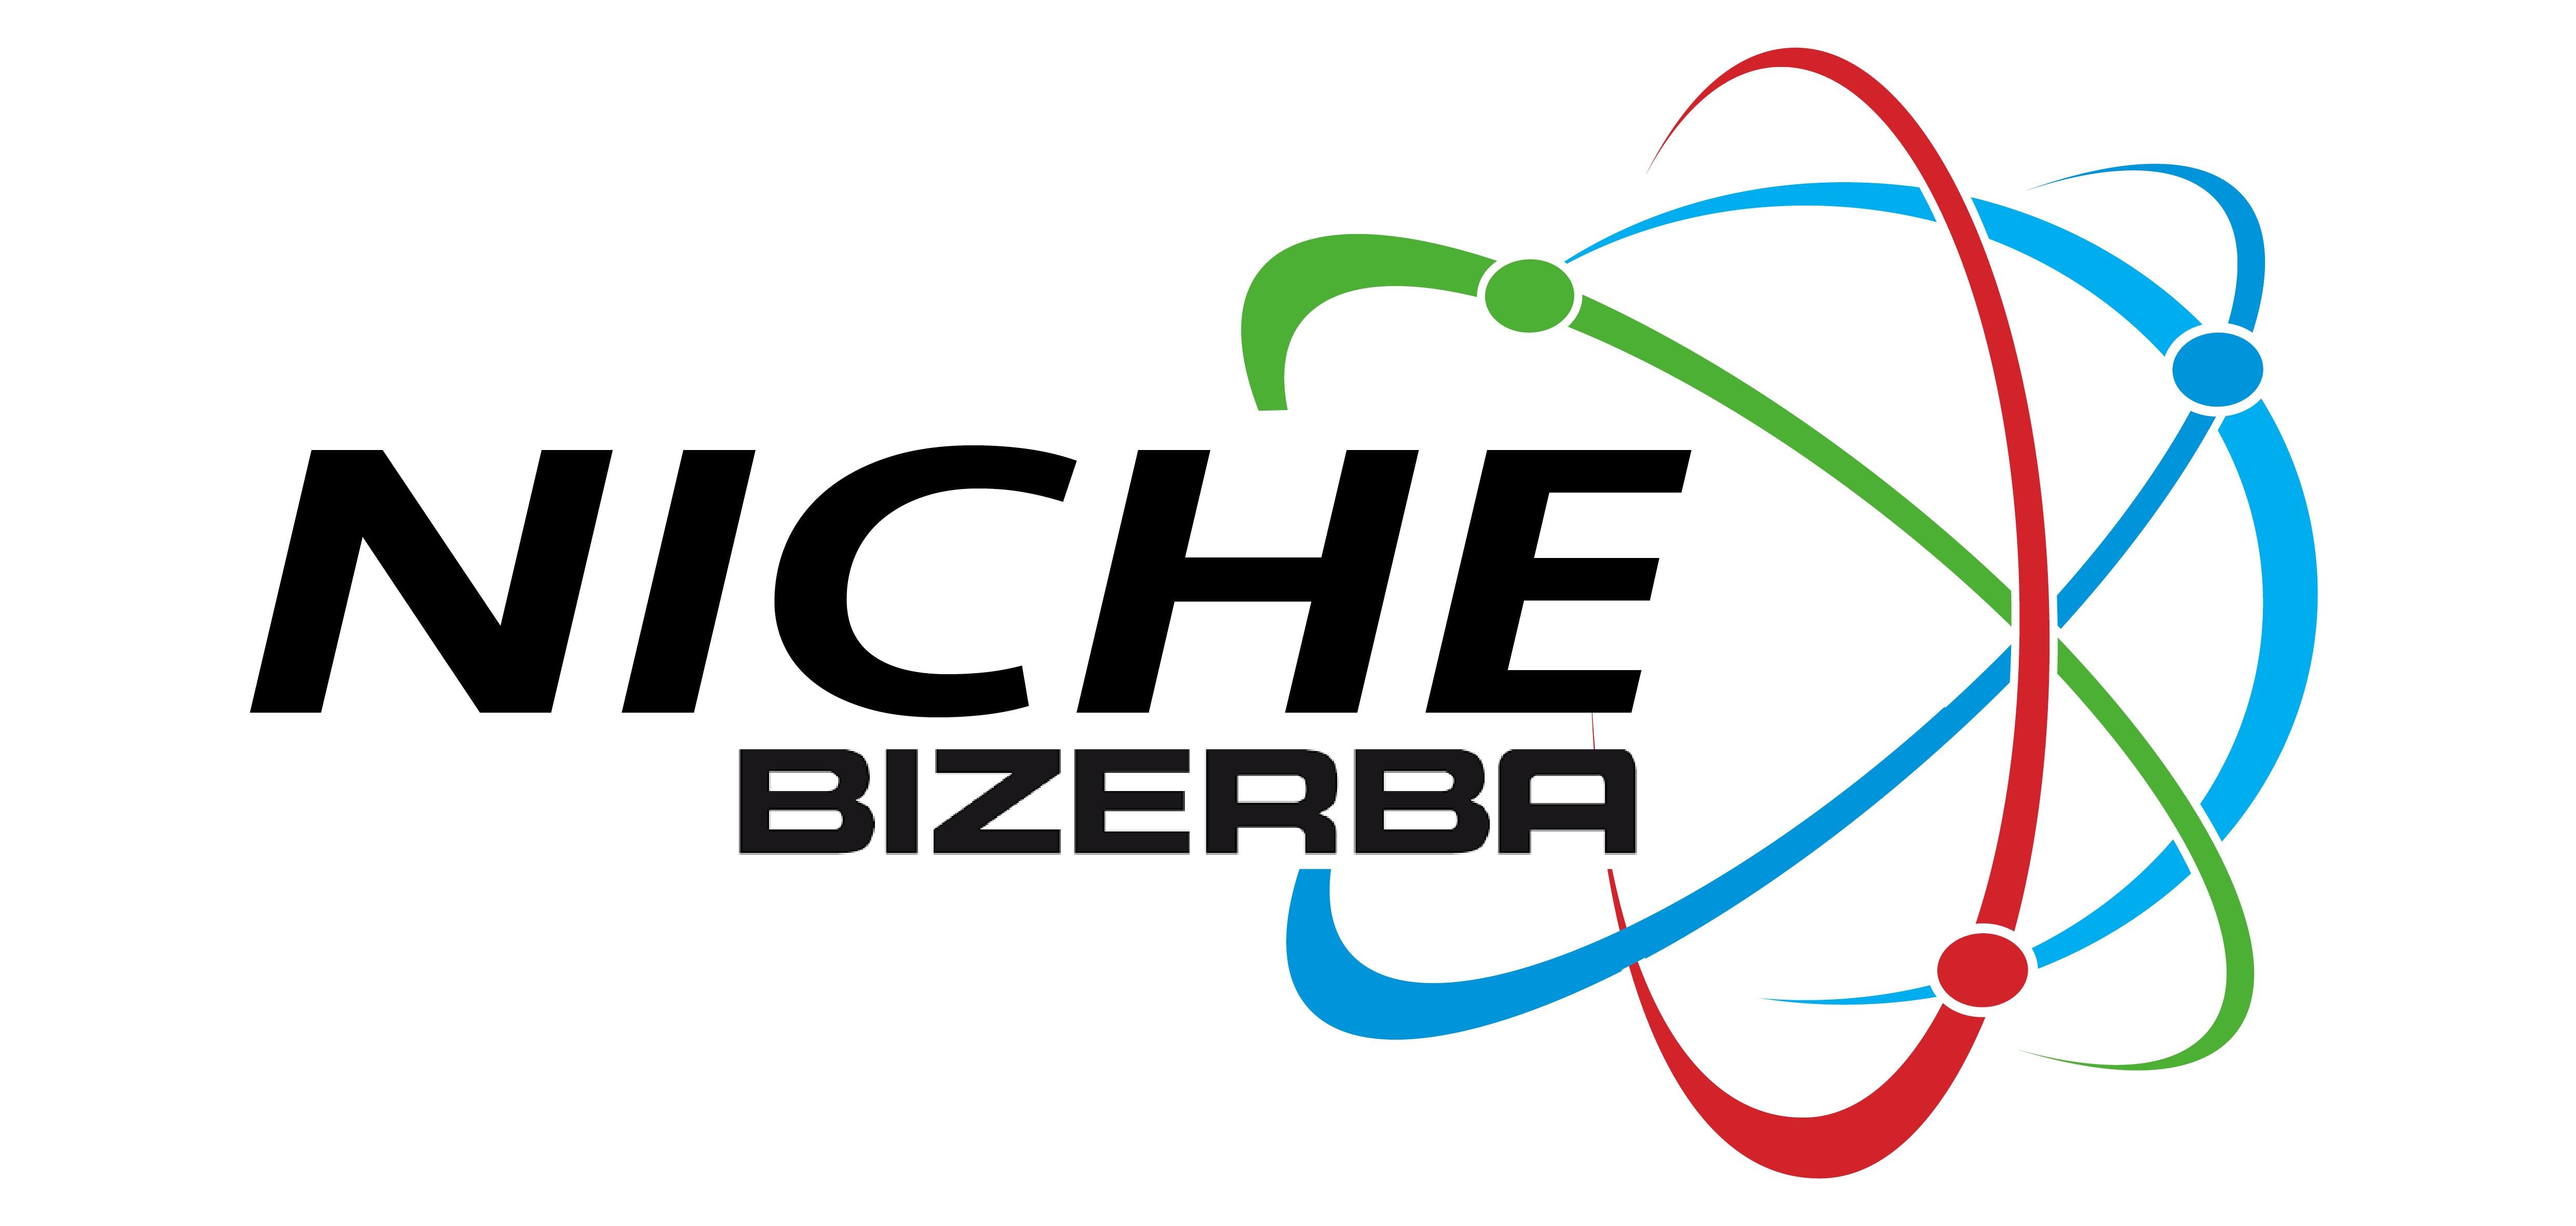 Niche Data Capture Bizerba